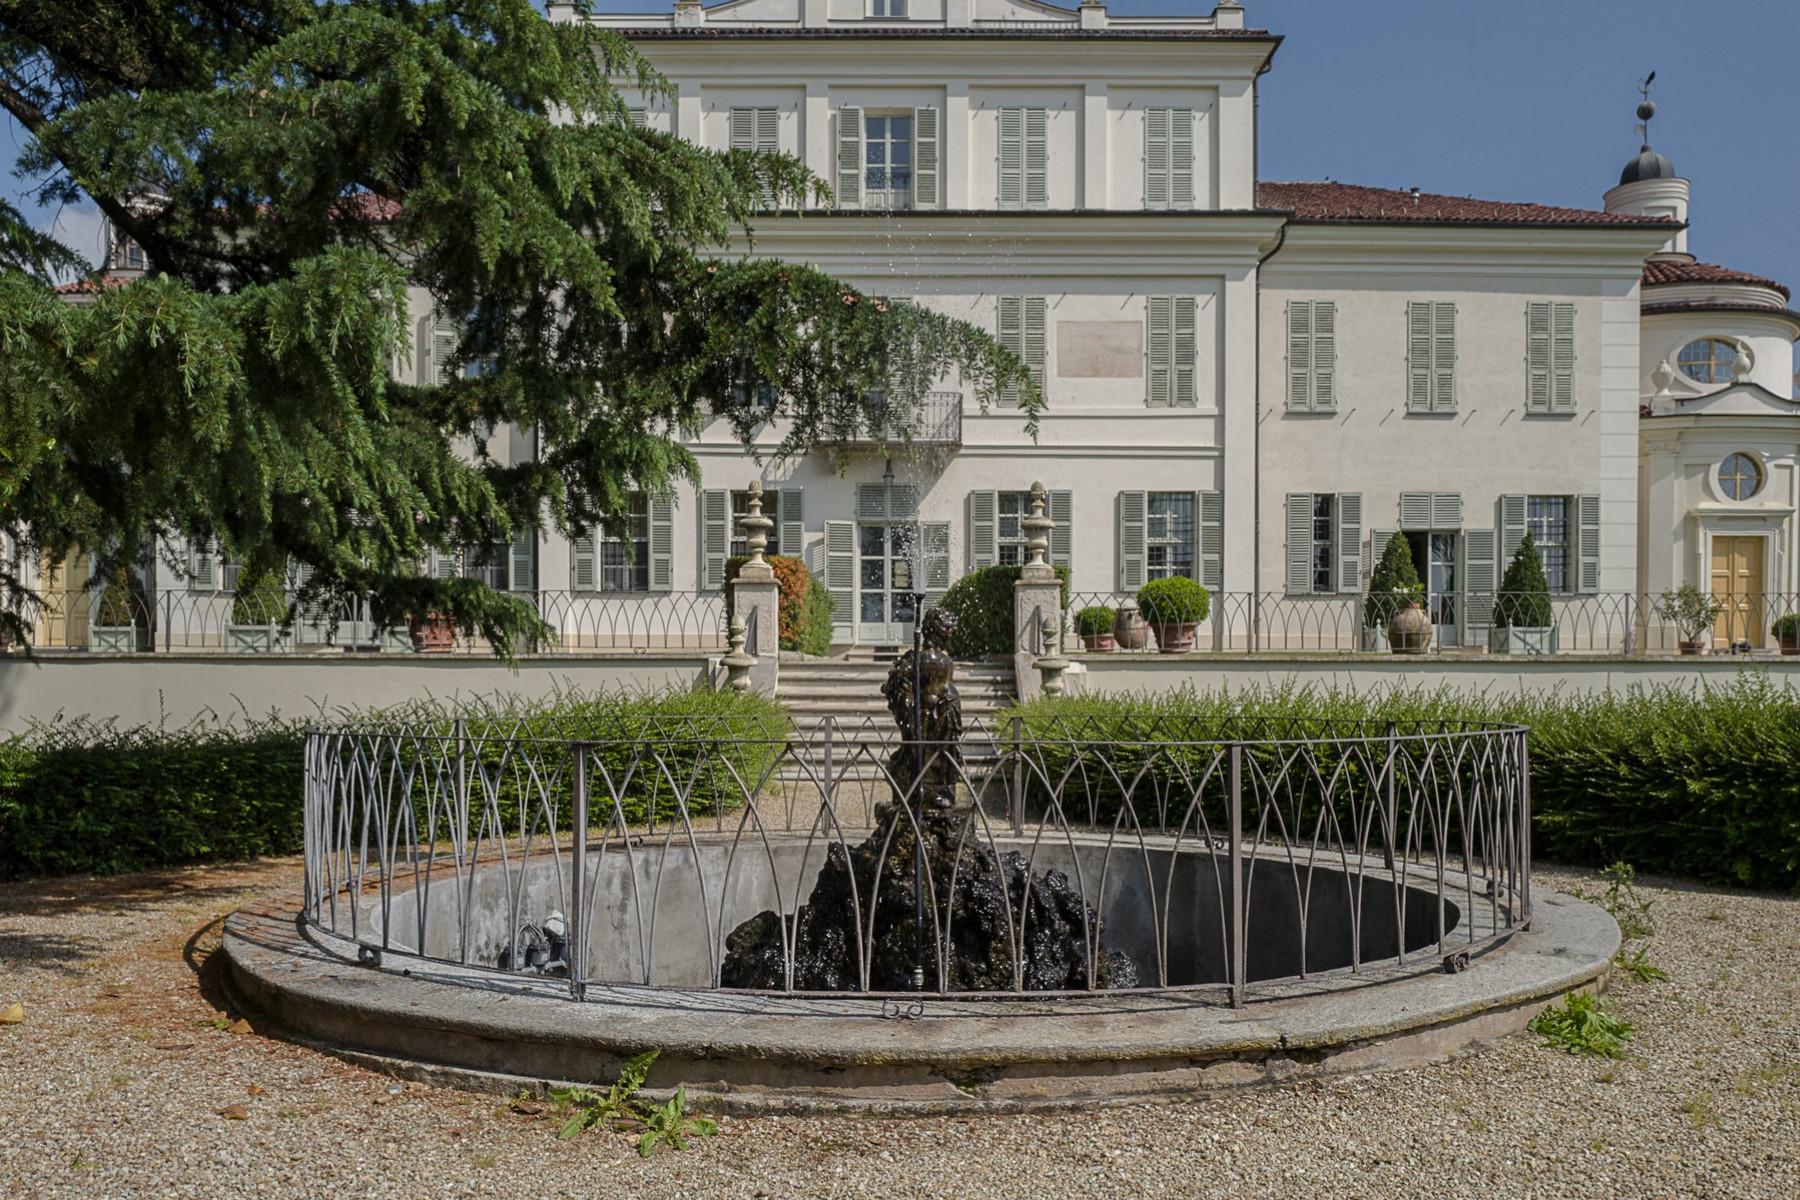 Wohnung in einer antiken Villa in Chieri - 21